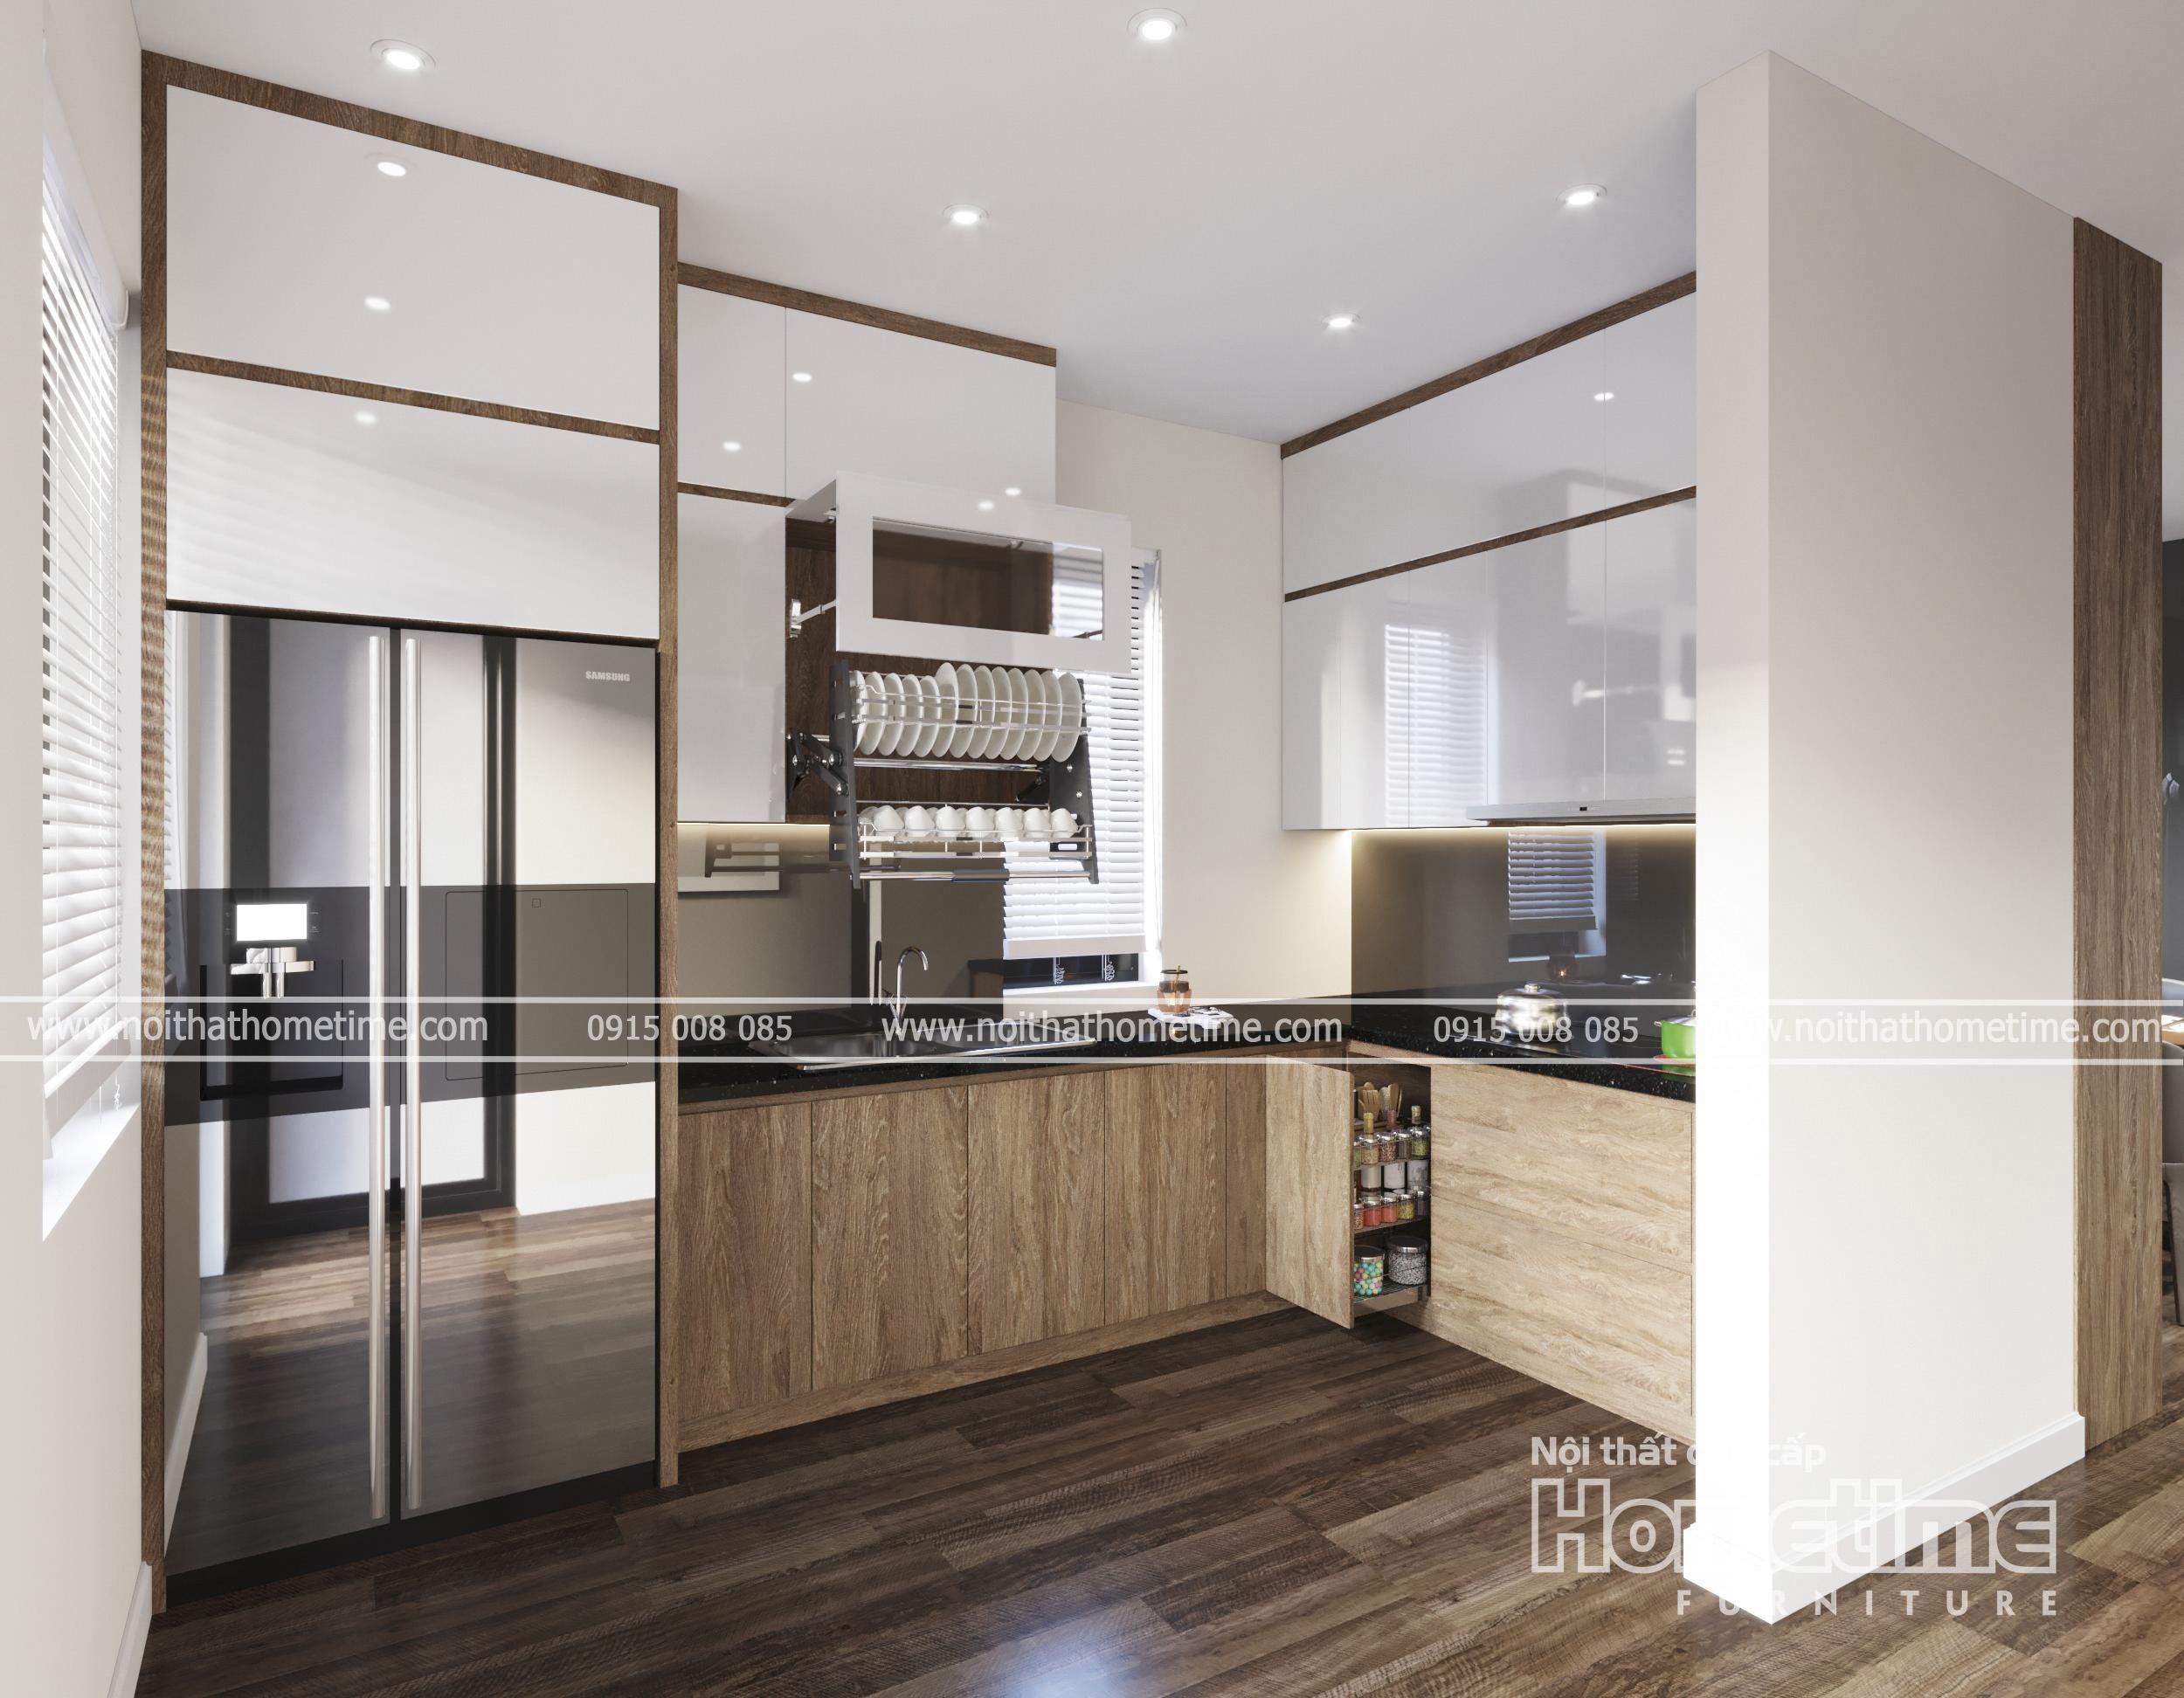 Tủ bếp nhựa hiện đại phủ laminate nhà anh Hiệp Kiến Thụy